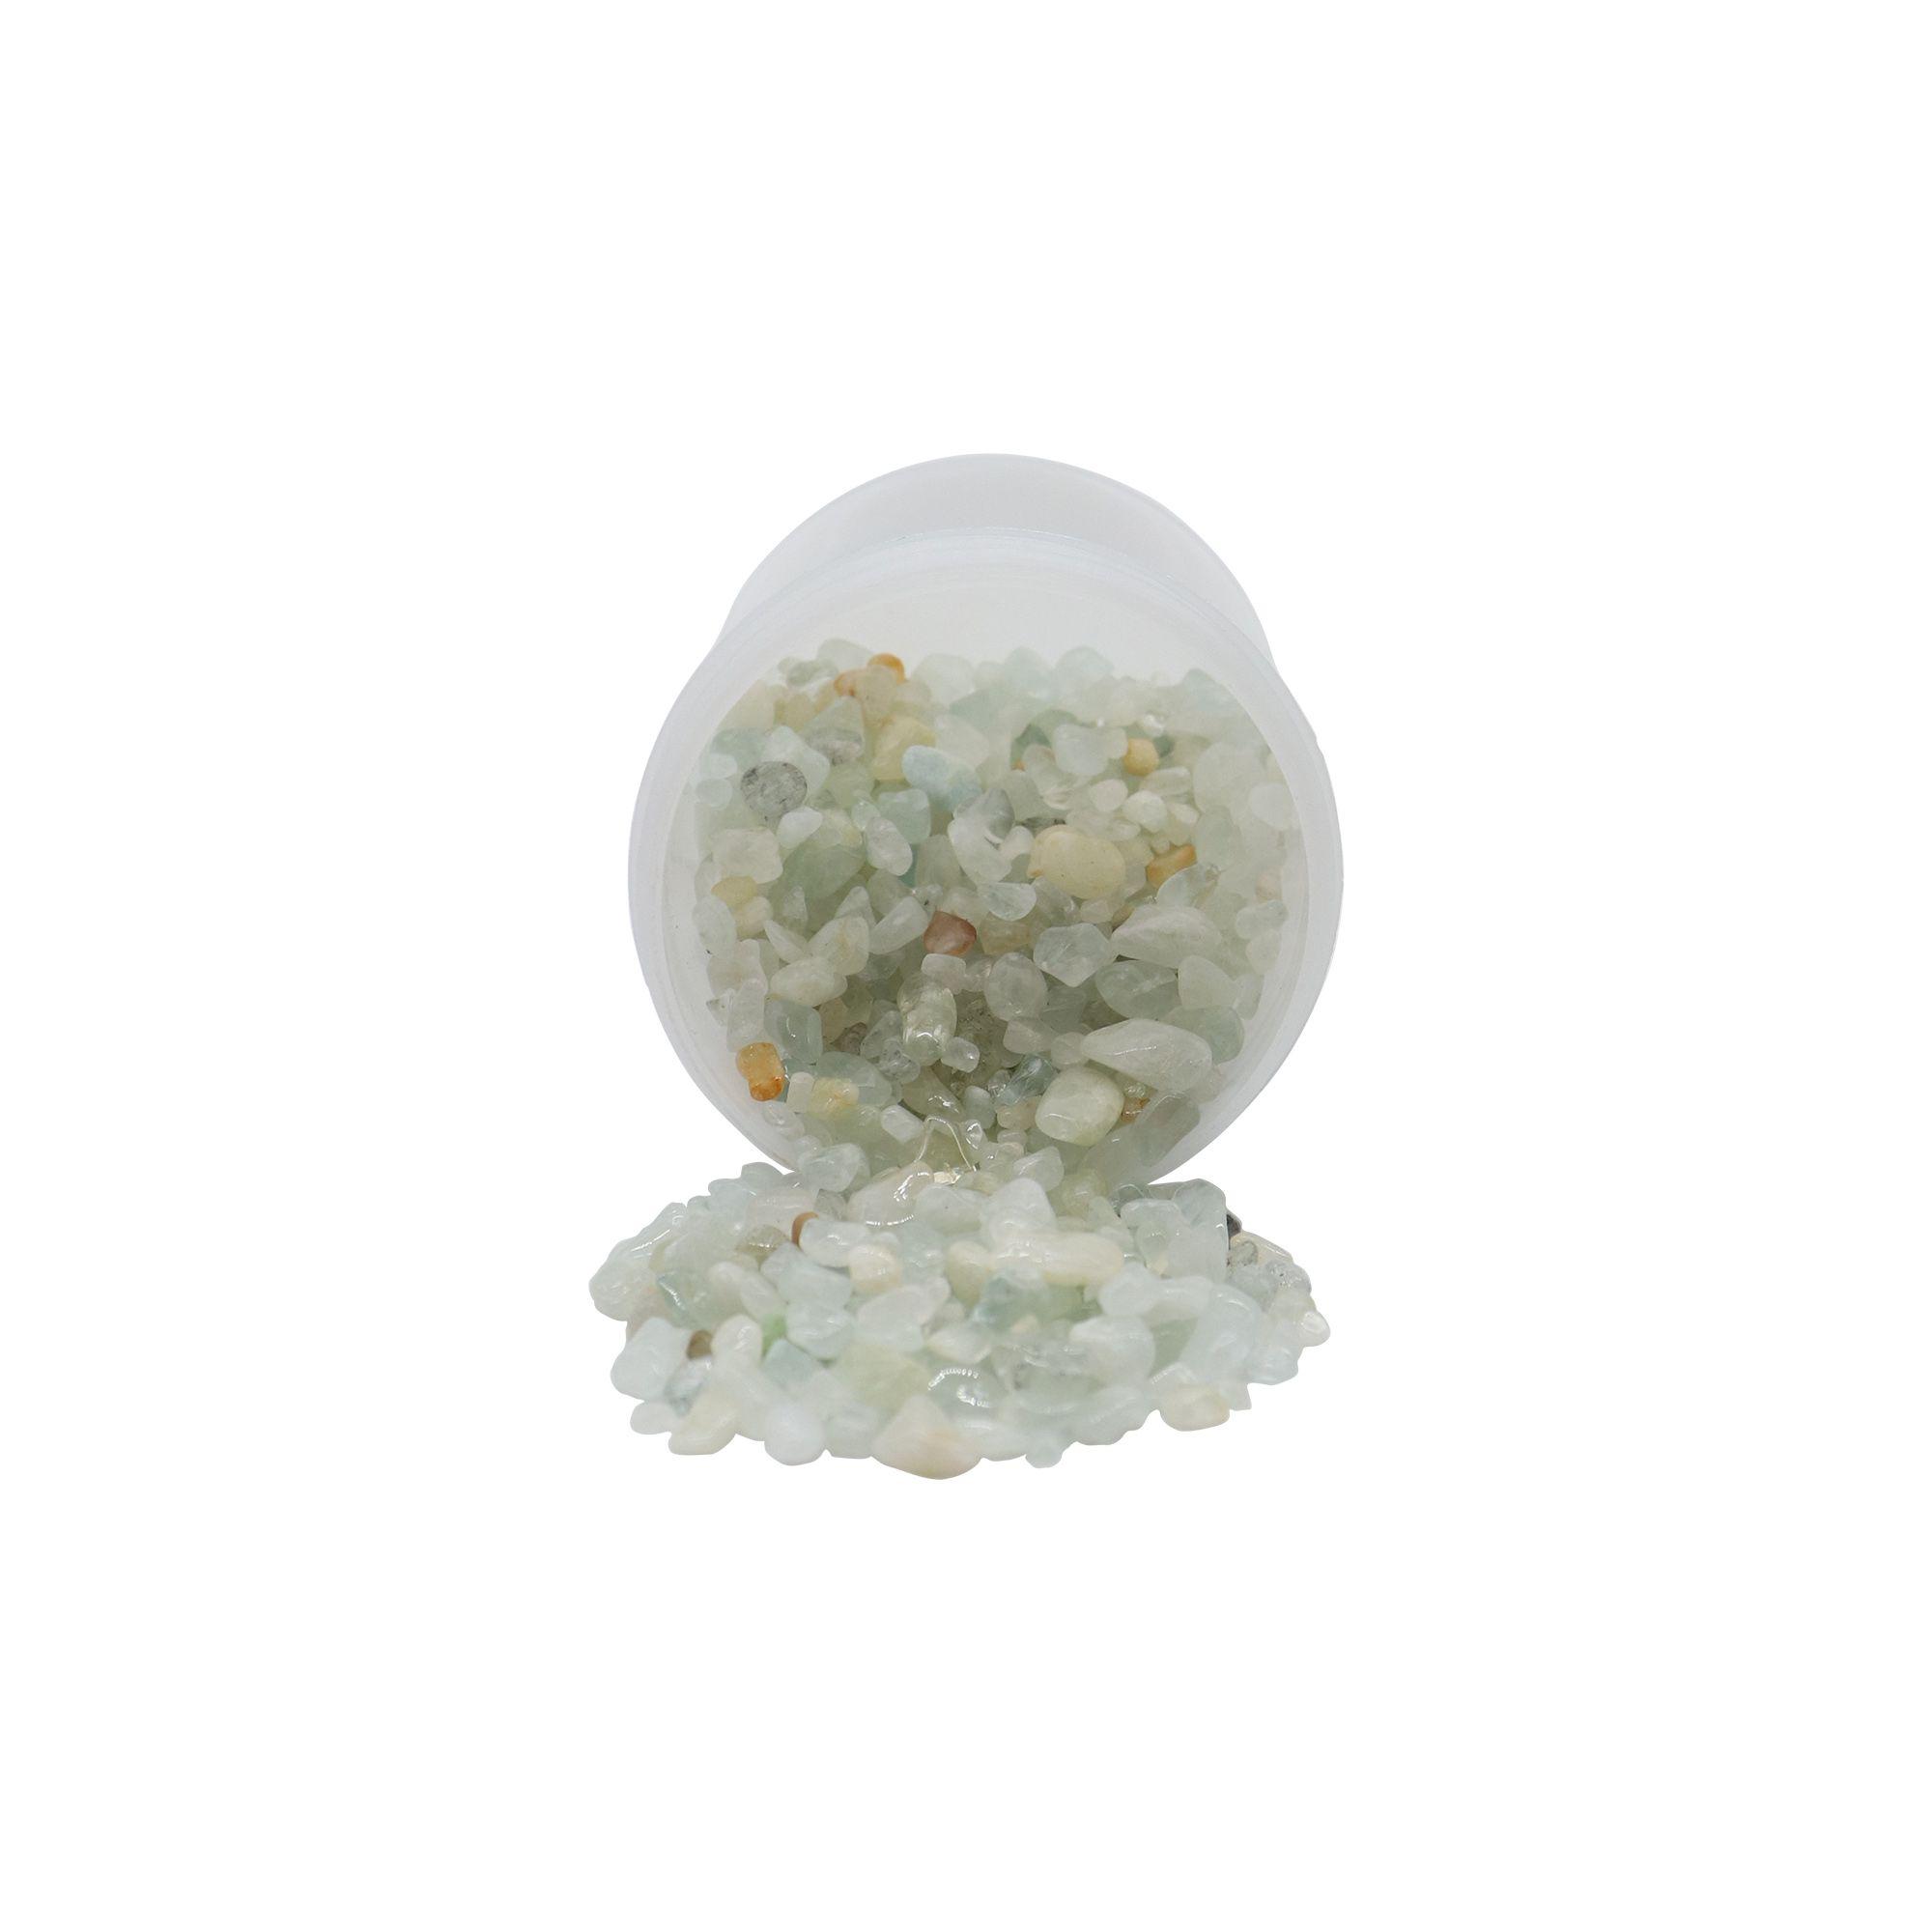 Pote de cristais quartzo verde claro 70g